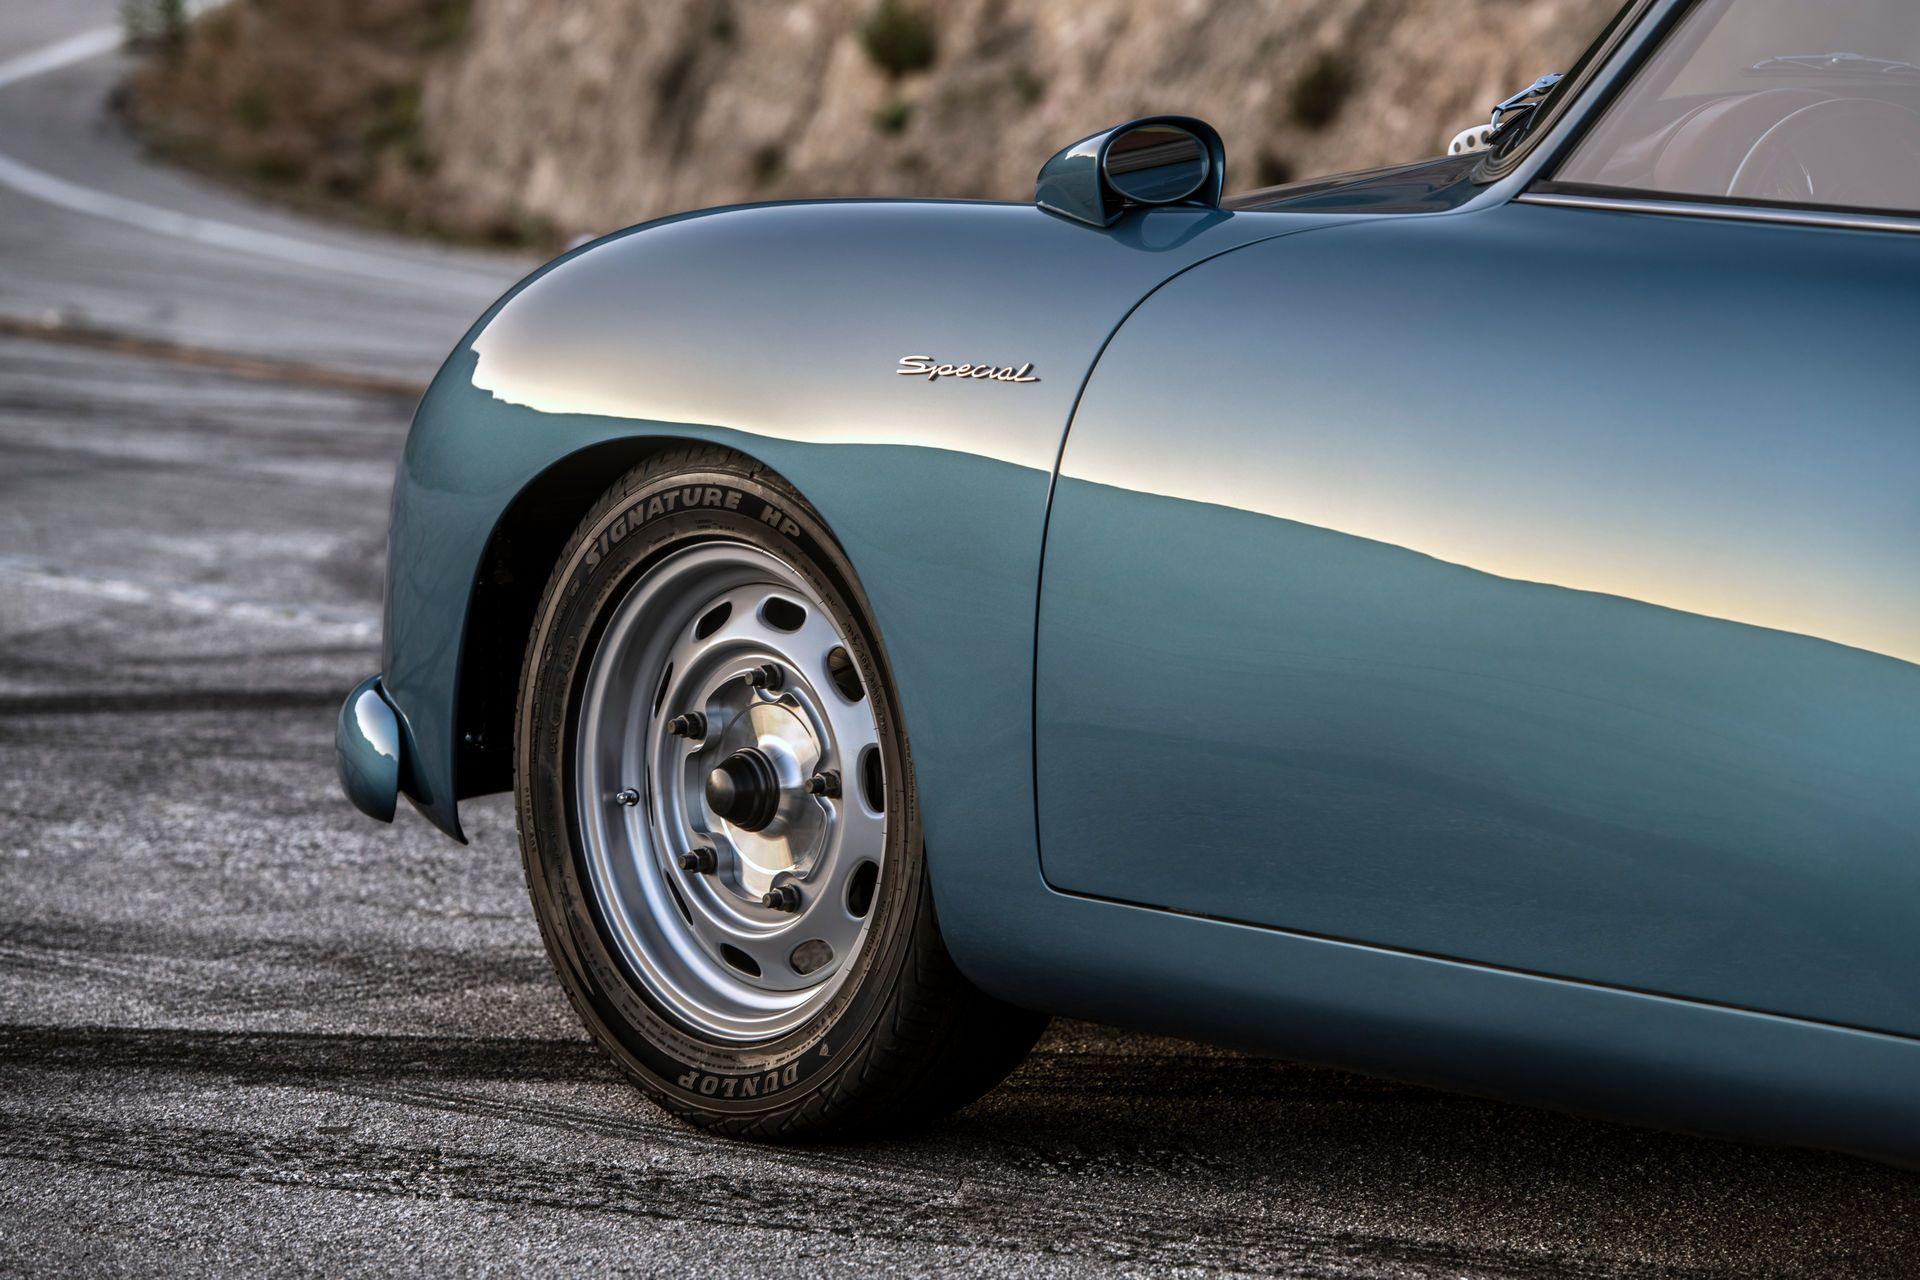 Porsche-356-A-Coupe-Restomod-Emory-Motorsports-49